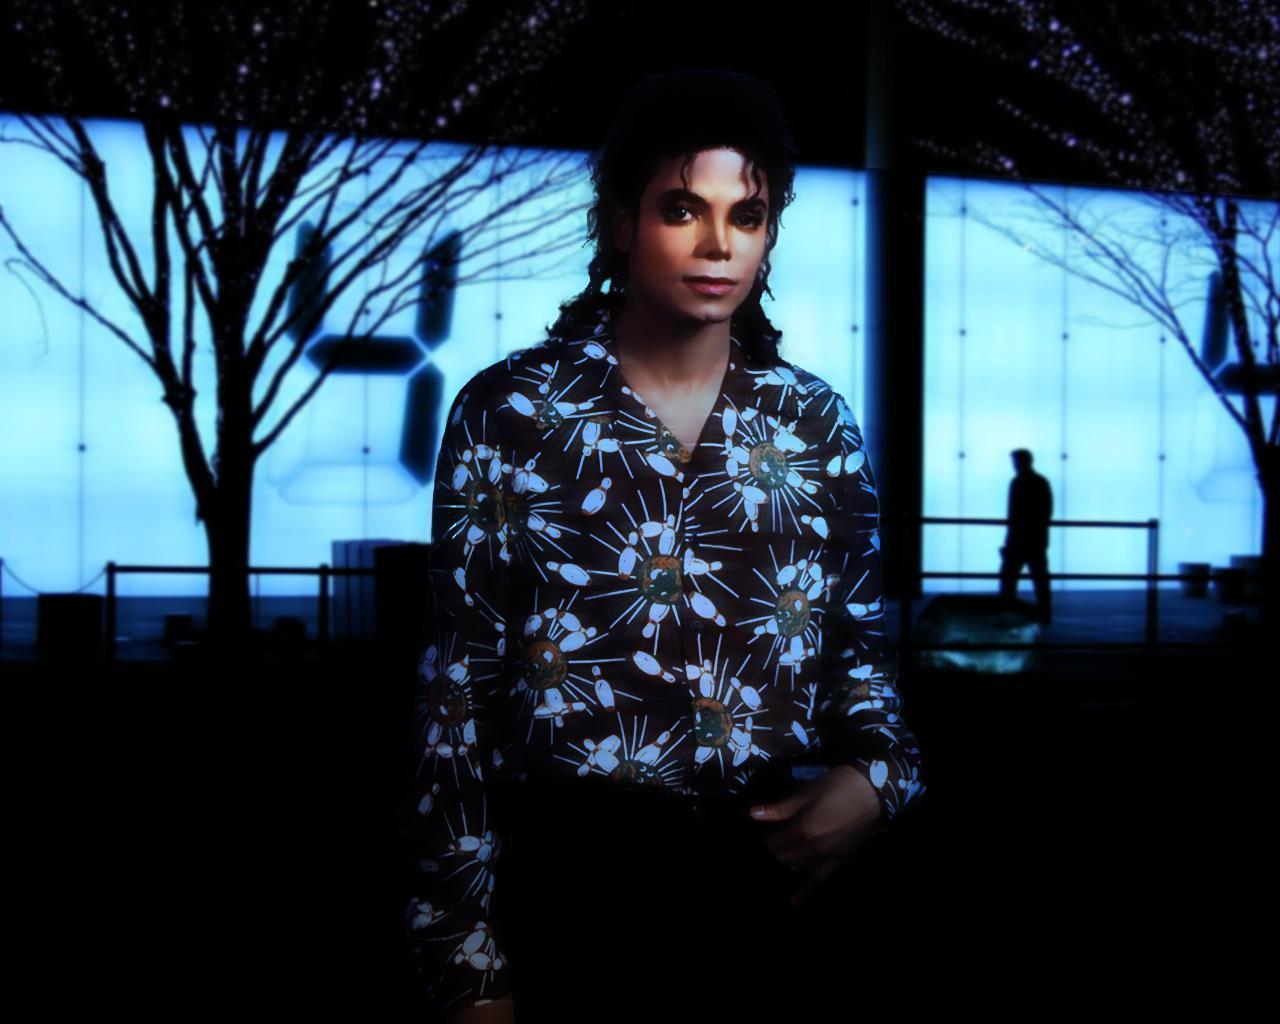 MJ - michael-jackson wallpaper